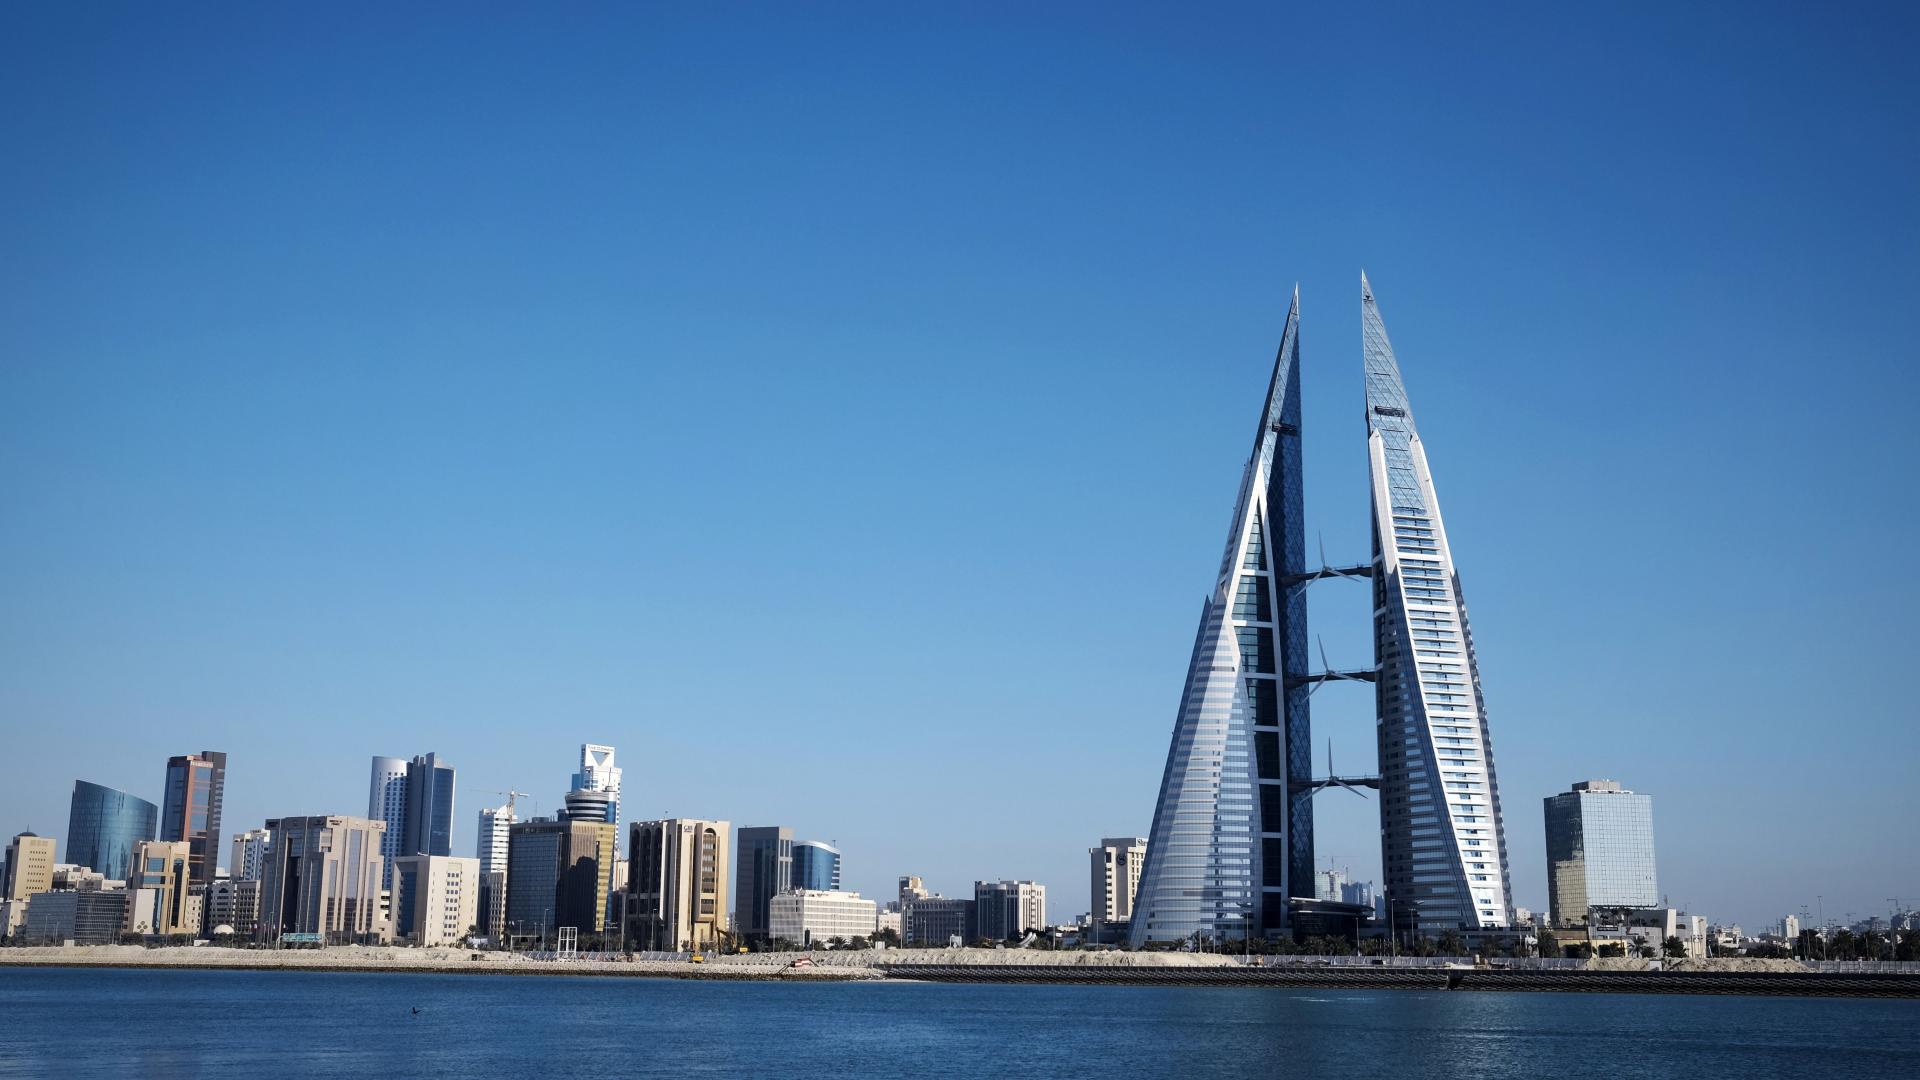 البحرين تلقي القبض على شبكة تهريب مخدرات مصدرها إيران